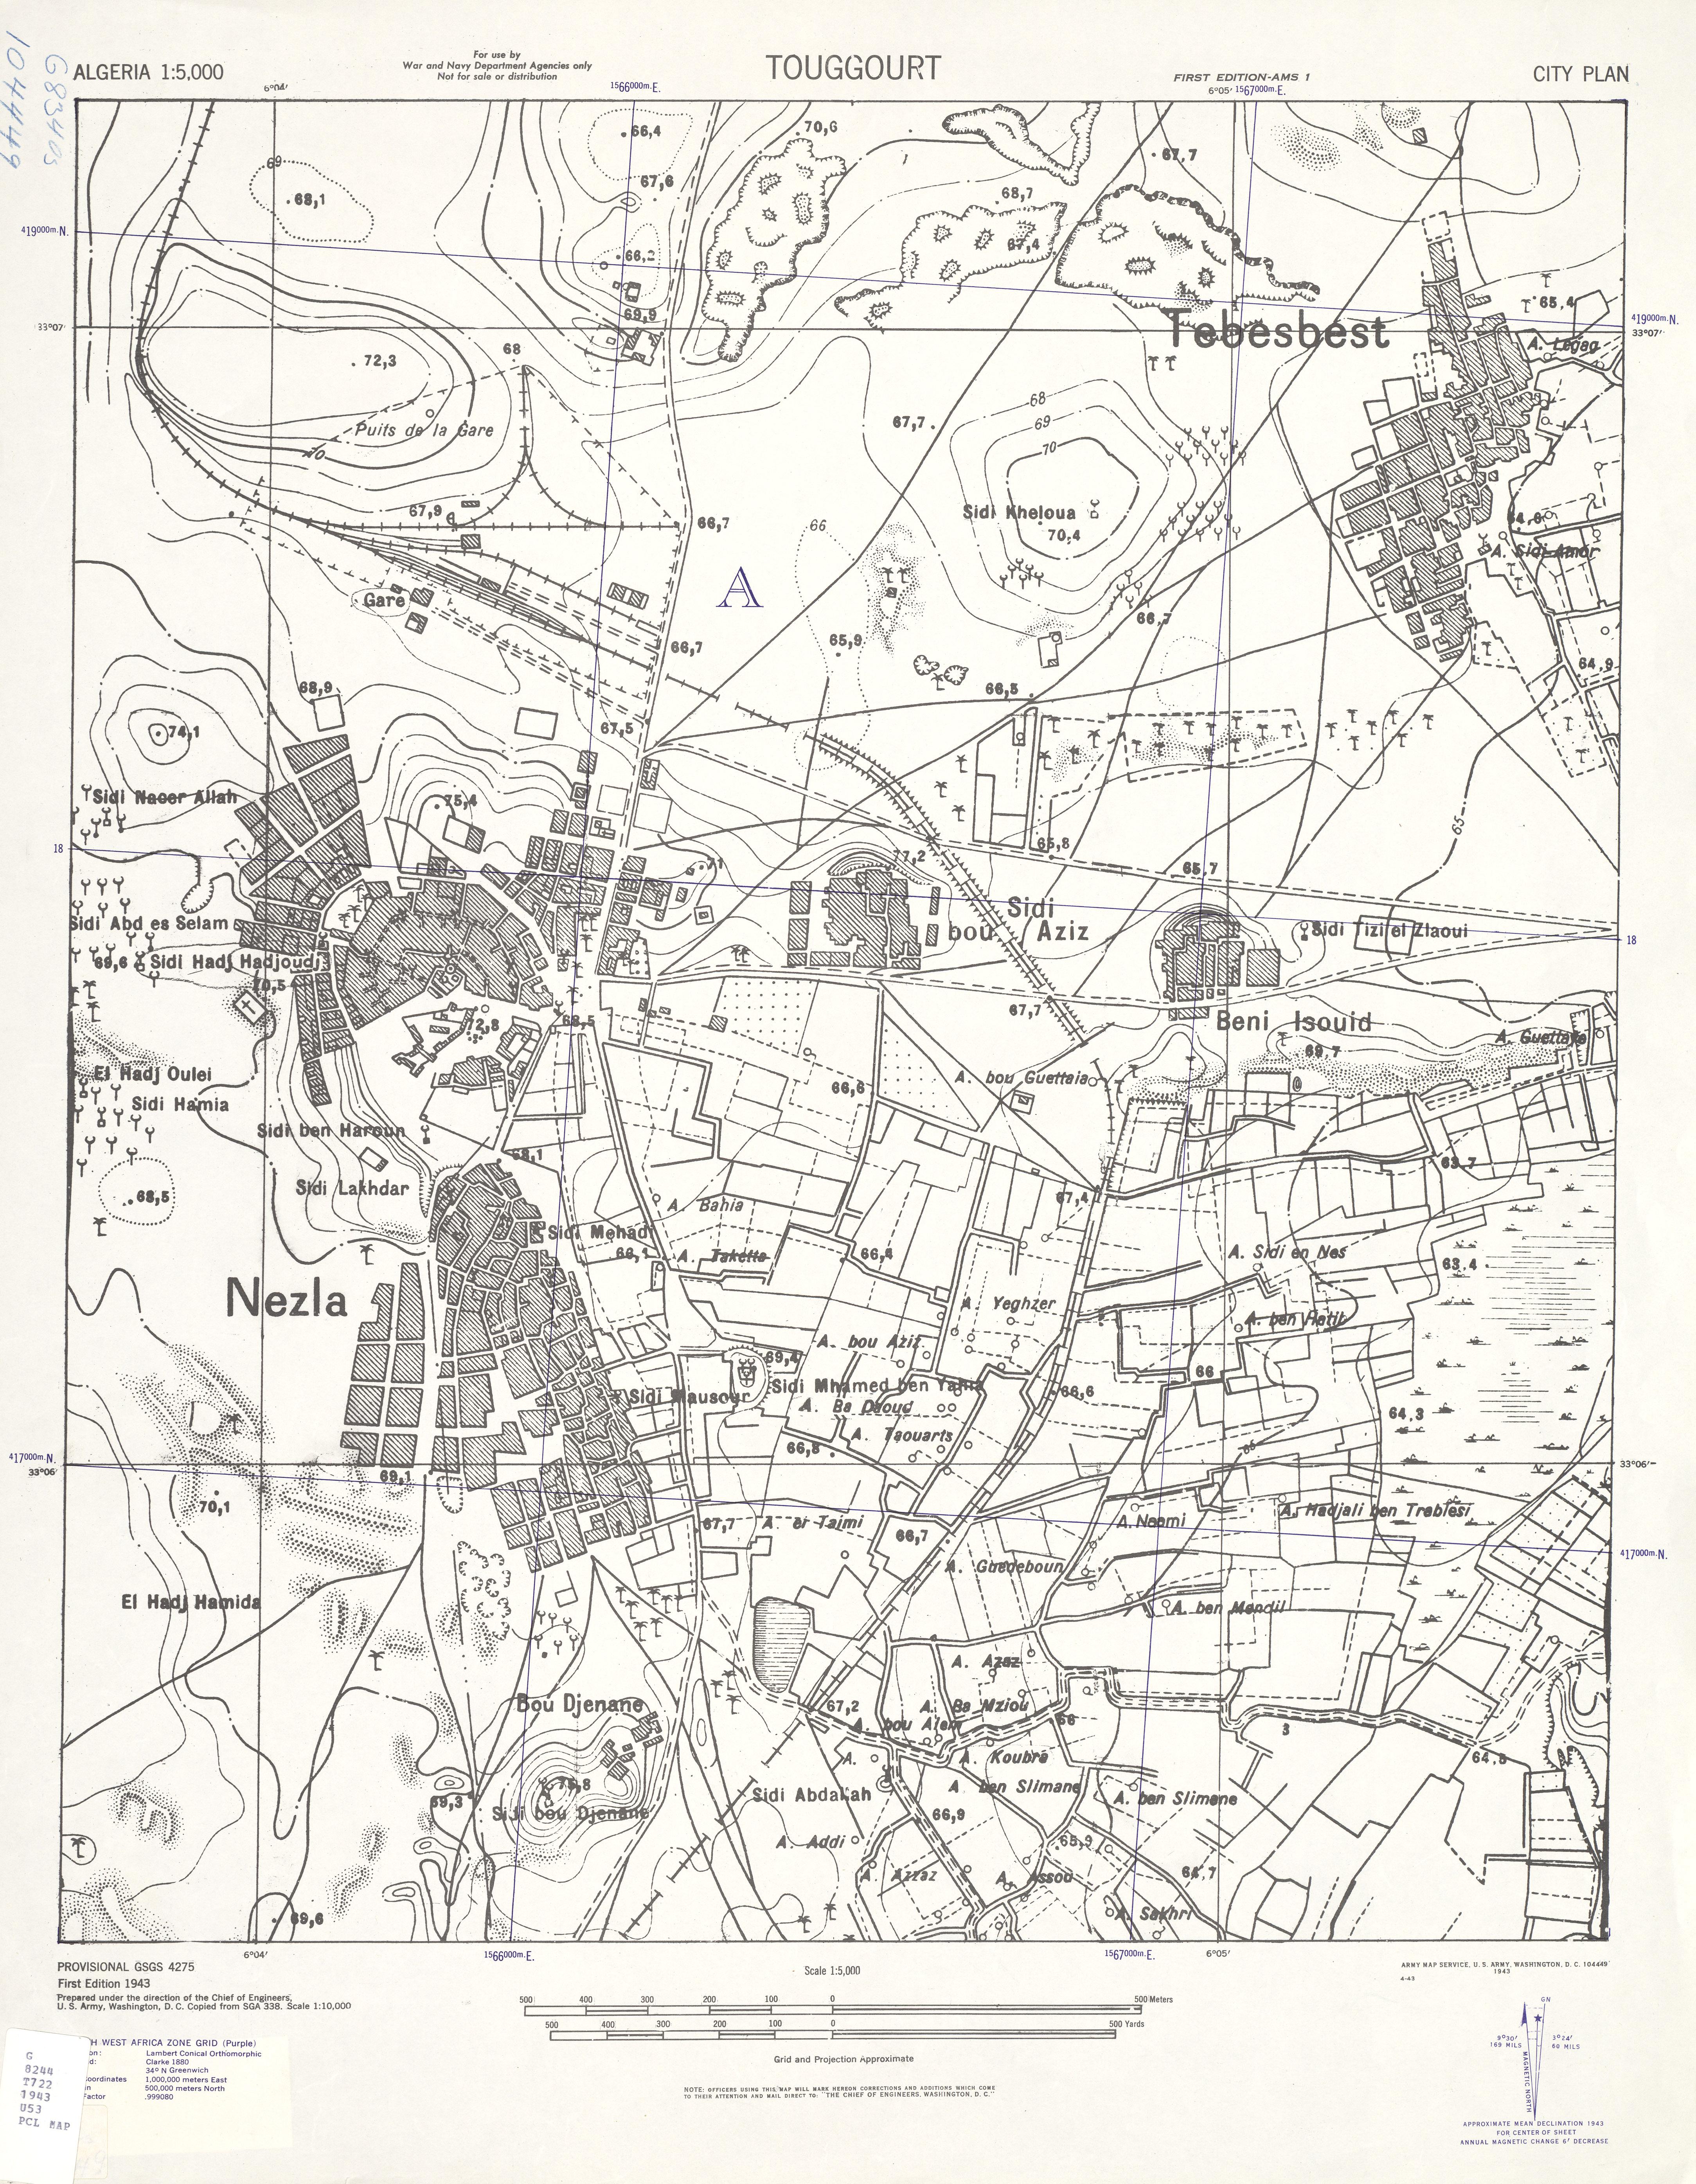 Mapa de la Ciudad de Touggourt, Argelia 1943